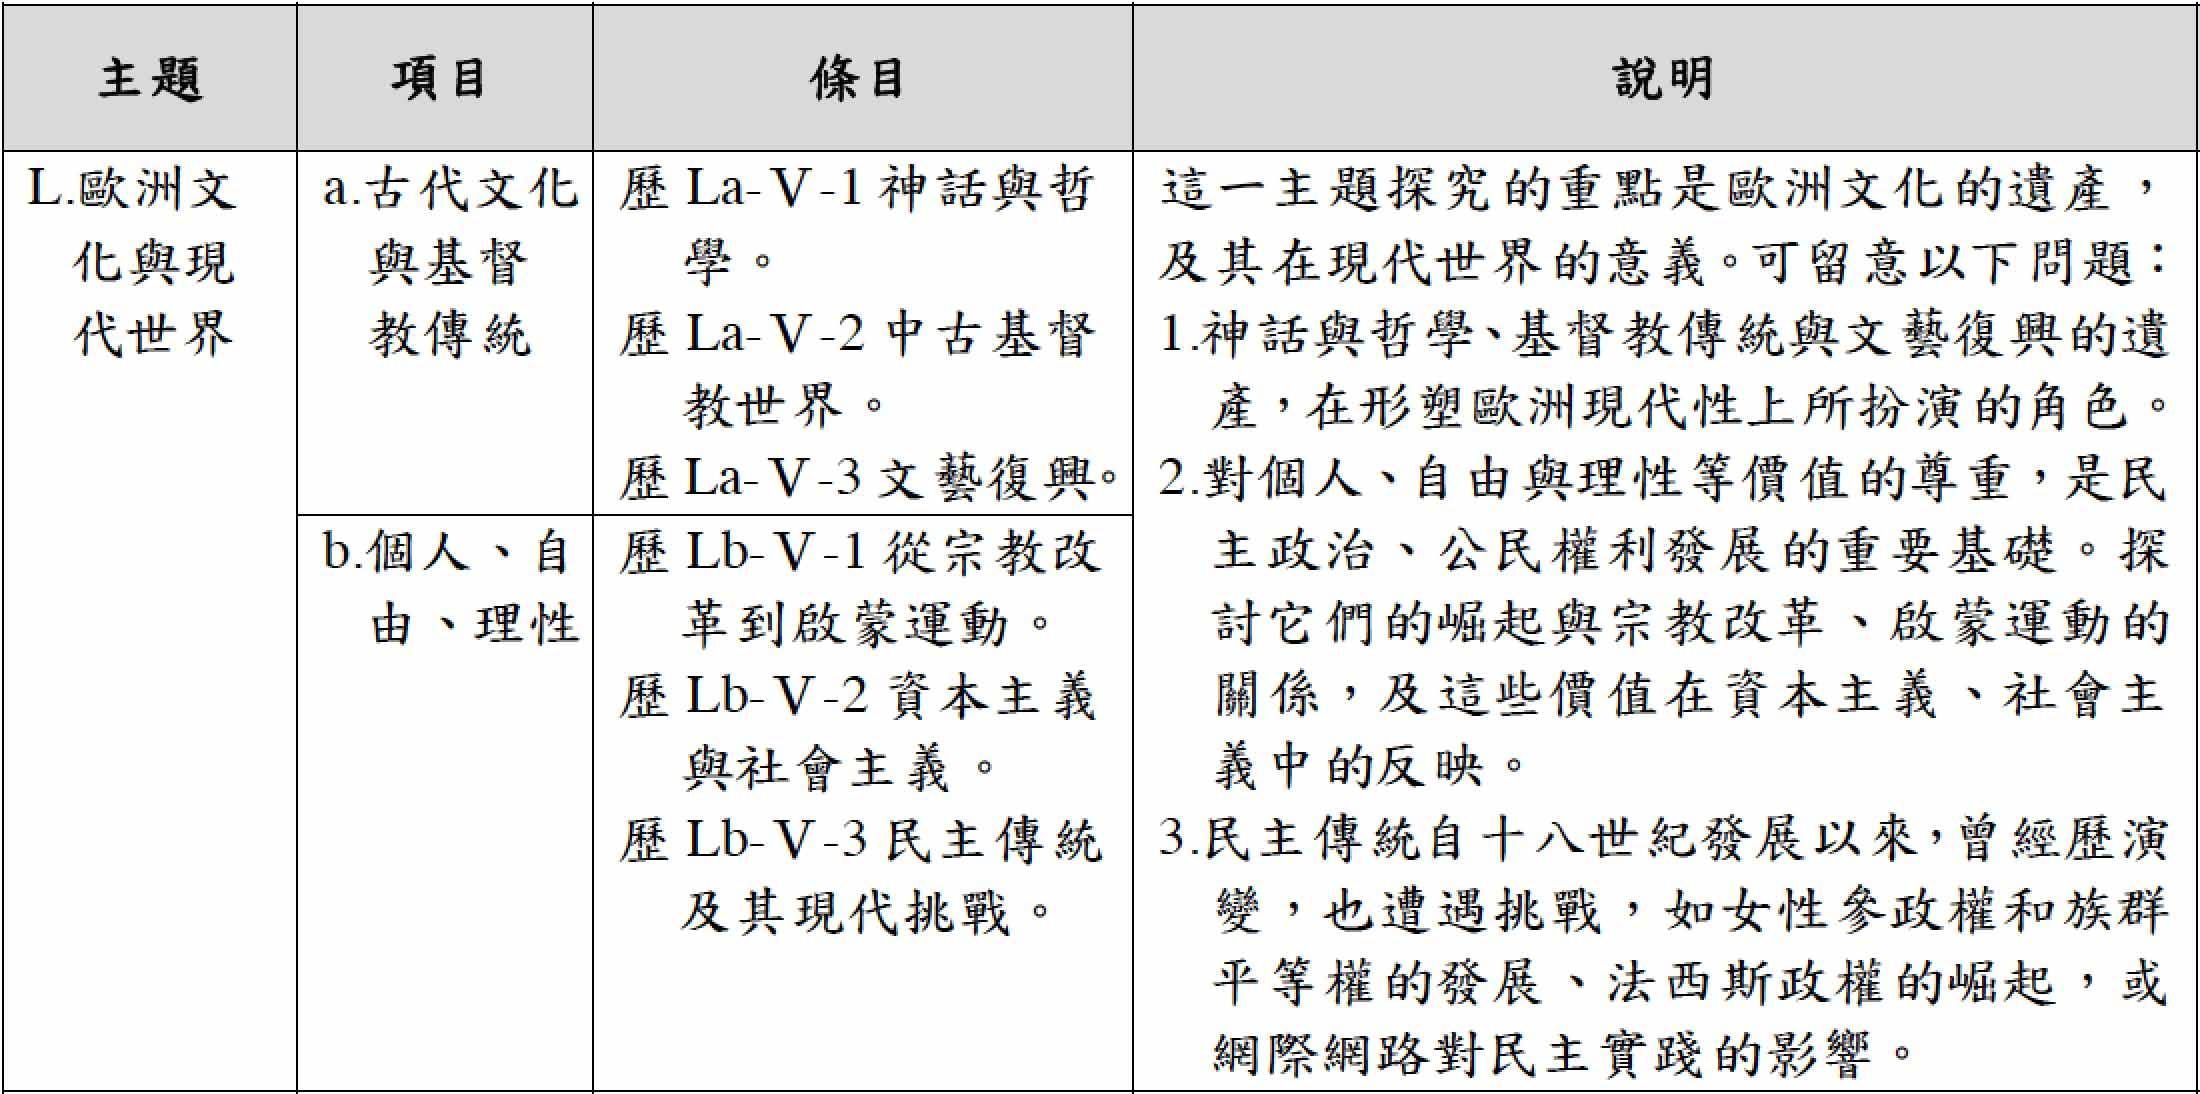 十二年國教歷史課綱草案(普通高中部分),課審會版,頁94。